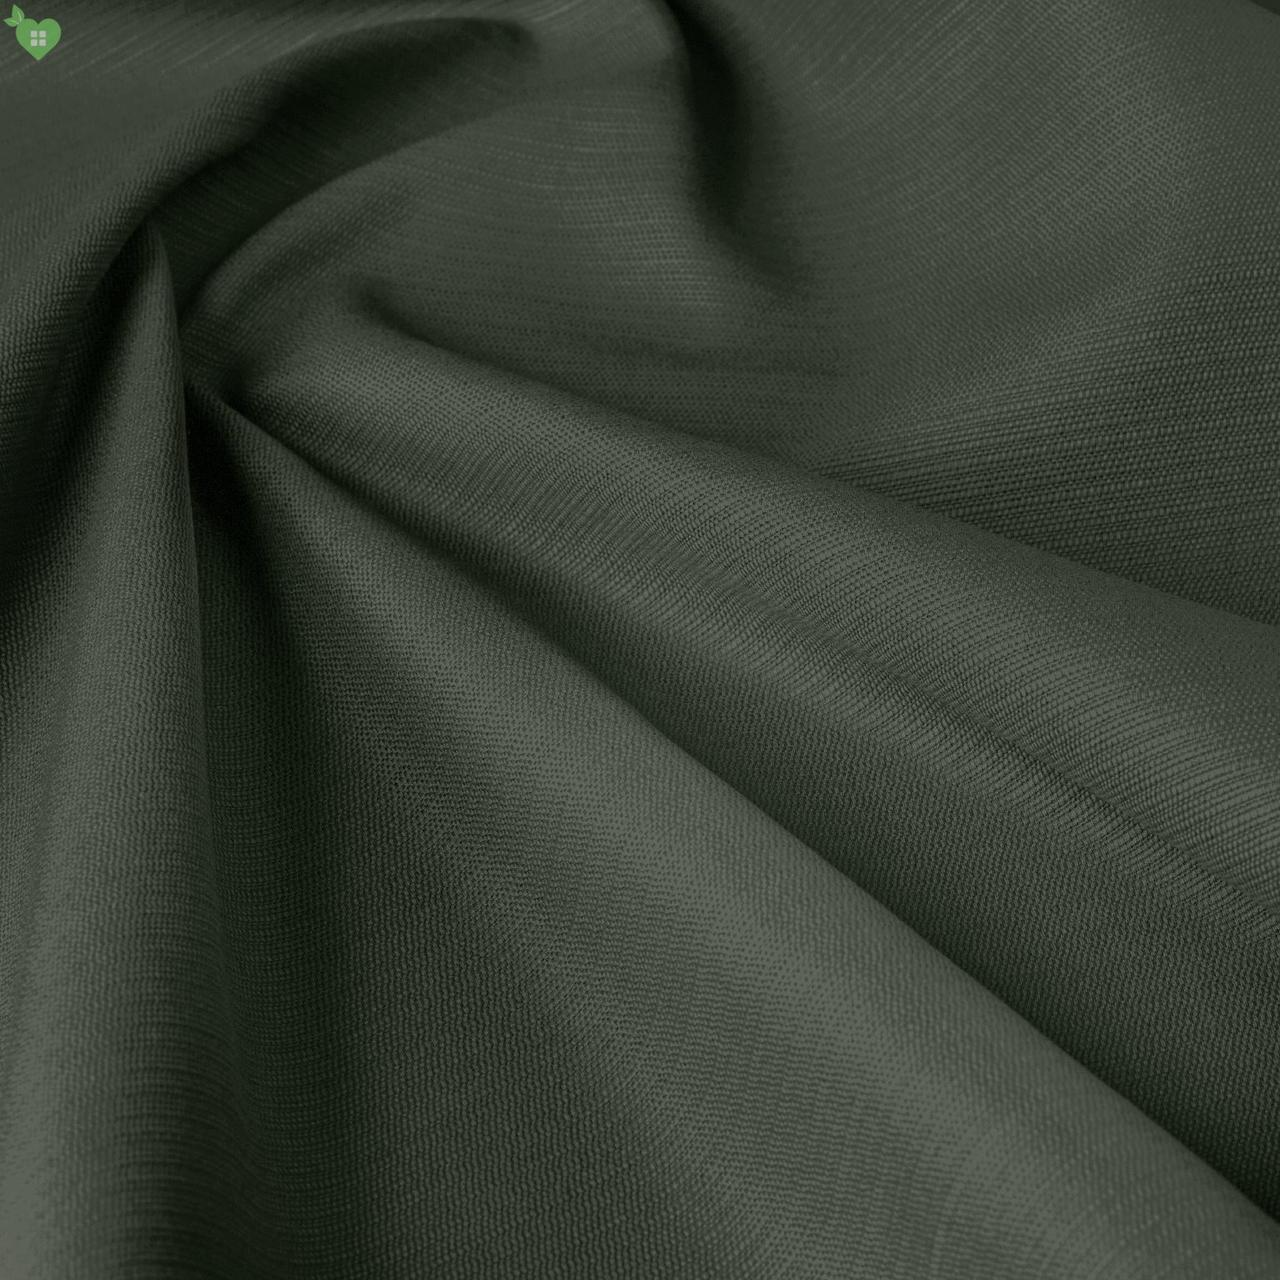 Уличная ткань с фактурой темно-зеленого цвета для штор на открытую веранду 84265v15